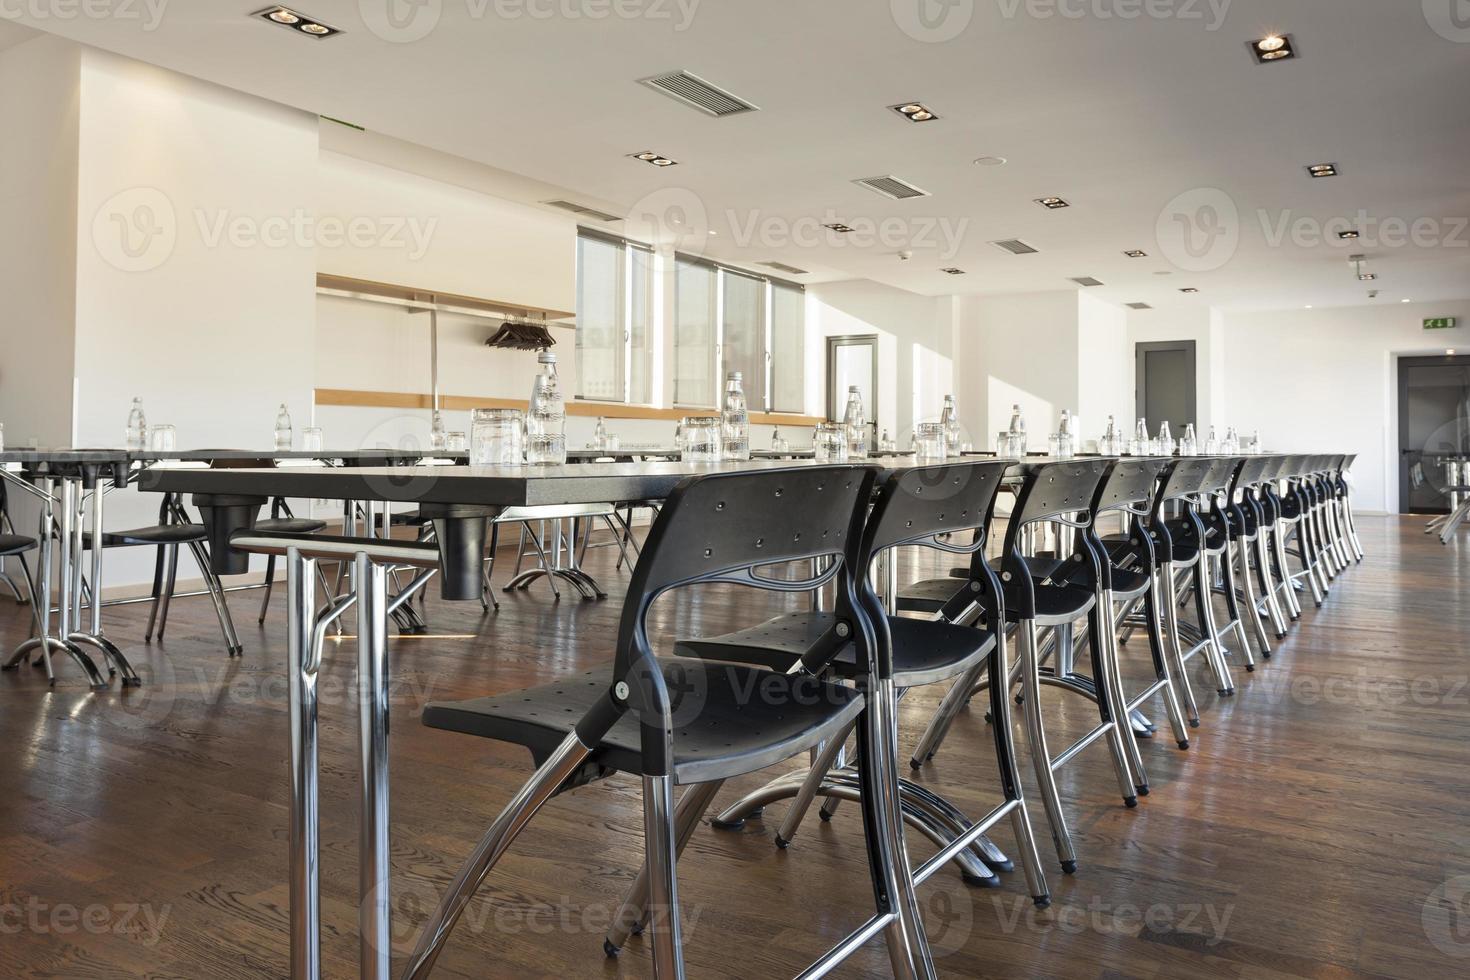 moderne vergaderruimte klaar voor vergadering foto